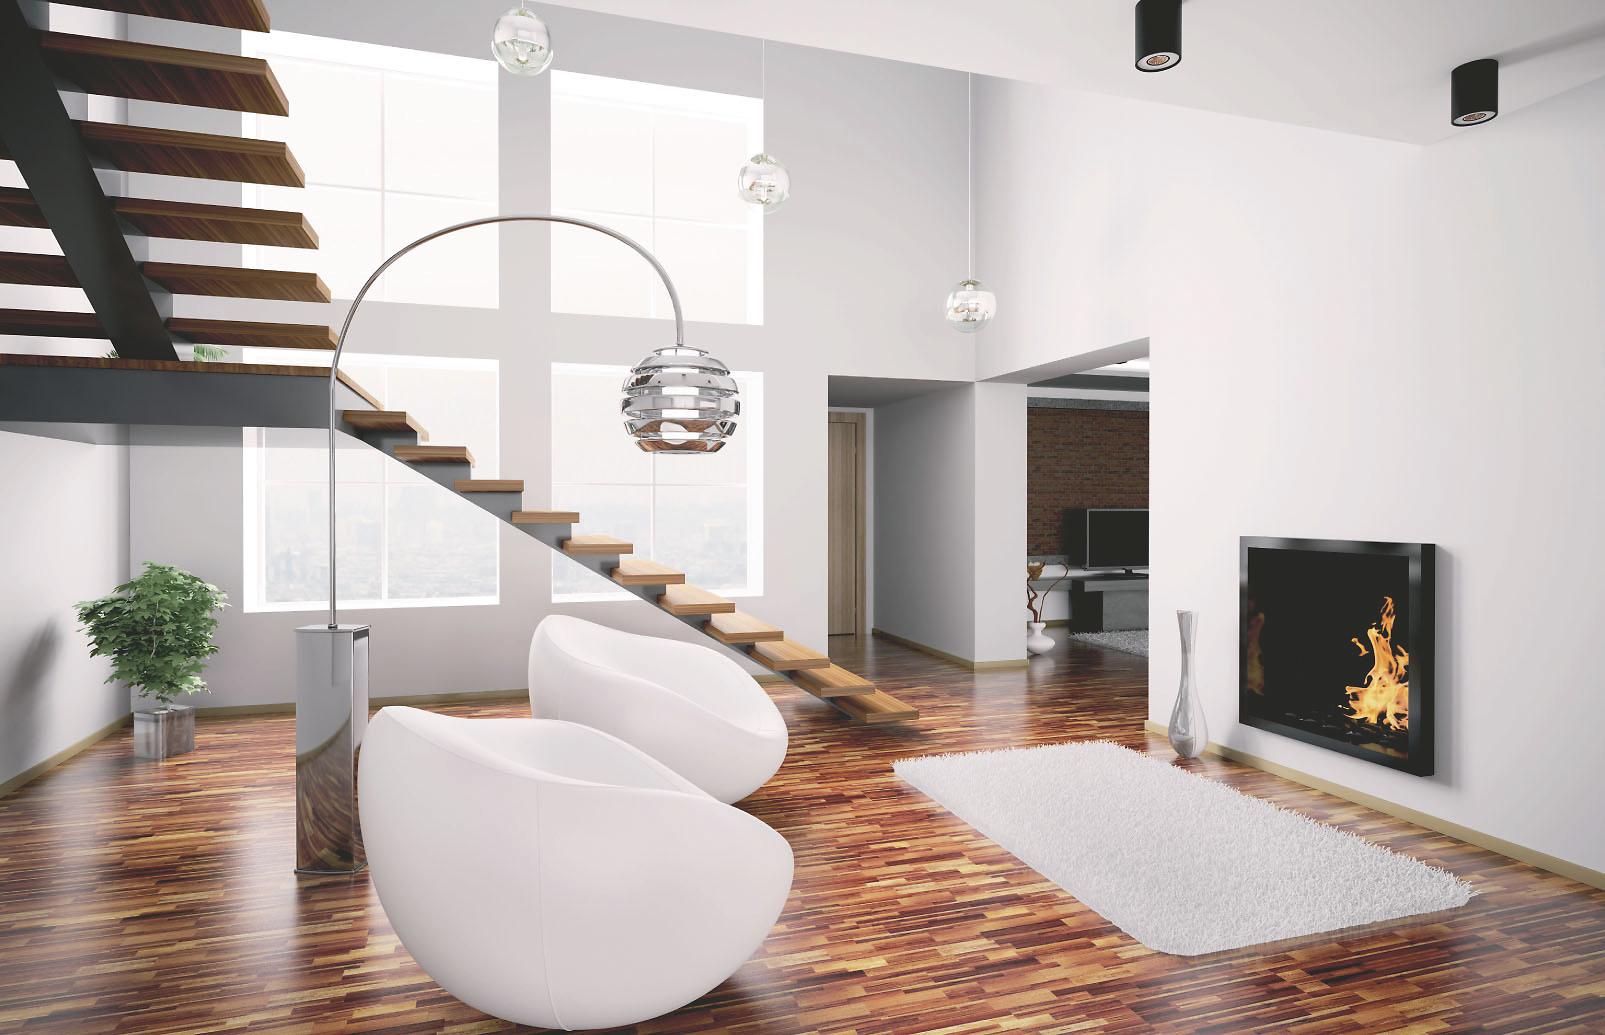 Alpina Innenfarbe Wandfarbe Seidenlatex weiß 2,5 L seidenglanzoptik